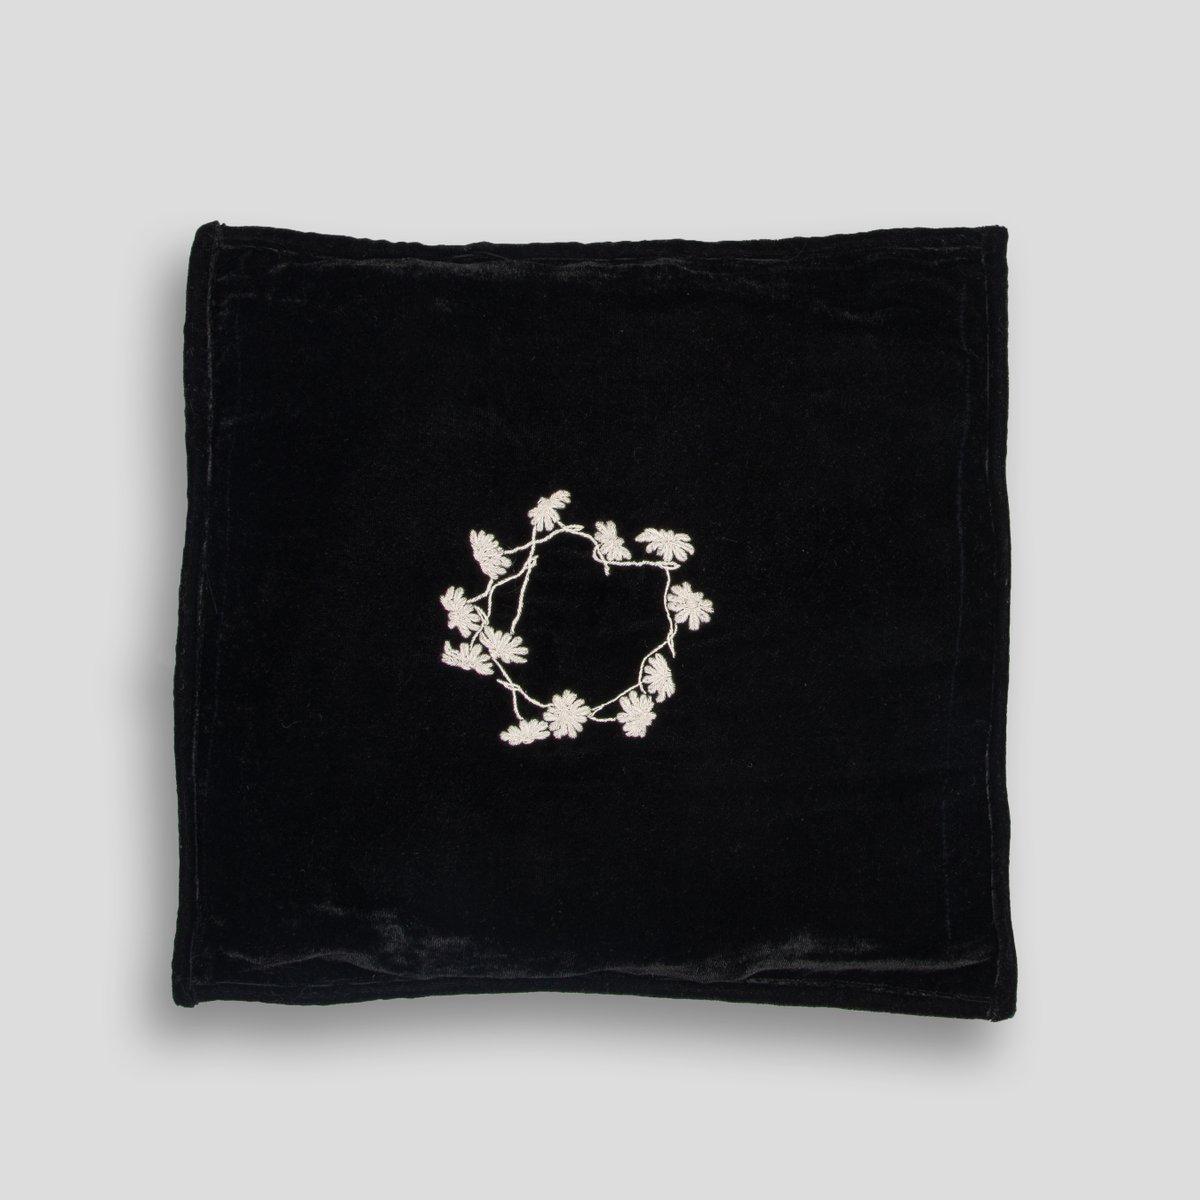 schwarzes viereckiges louvre kissen von jackie villevoye f r jupe by jackie bei pamono kaufen. Black Bedroom Furniture Sets. Home Design Ideas